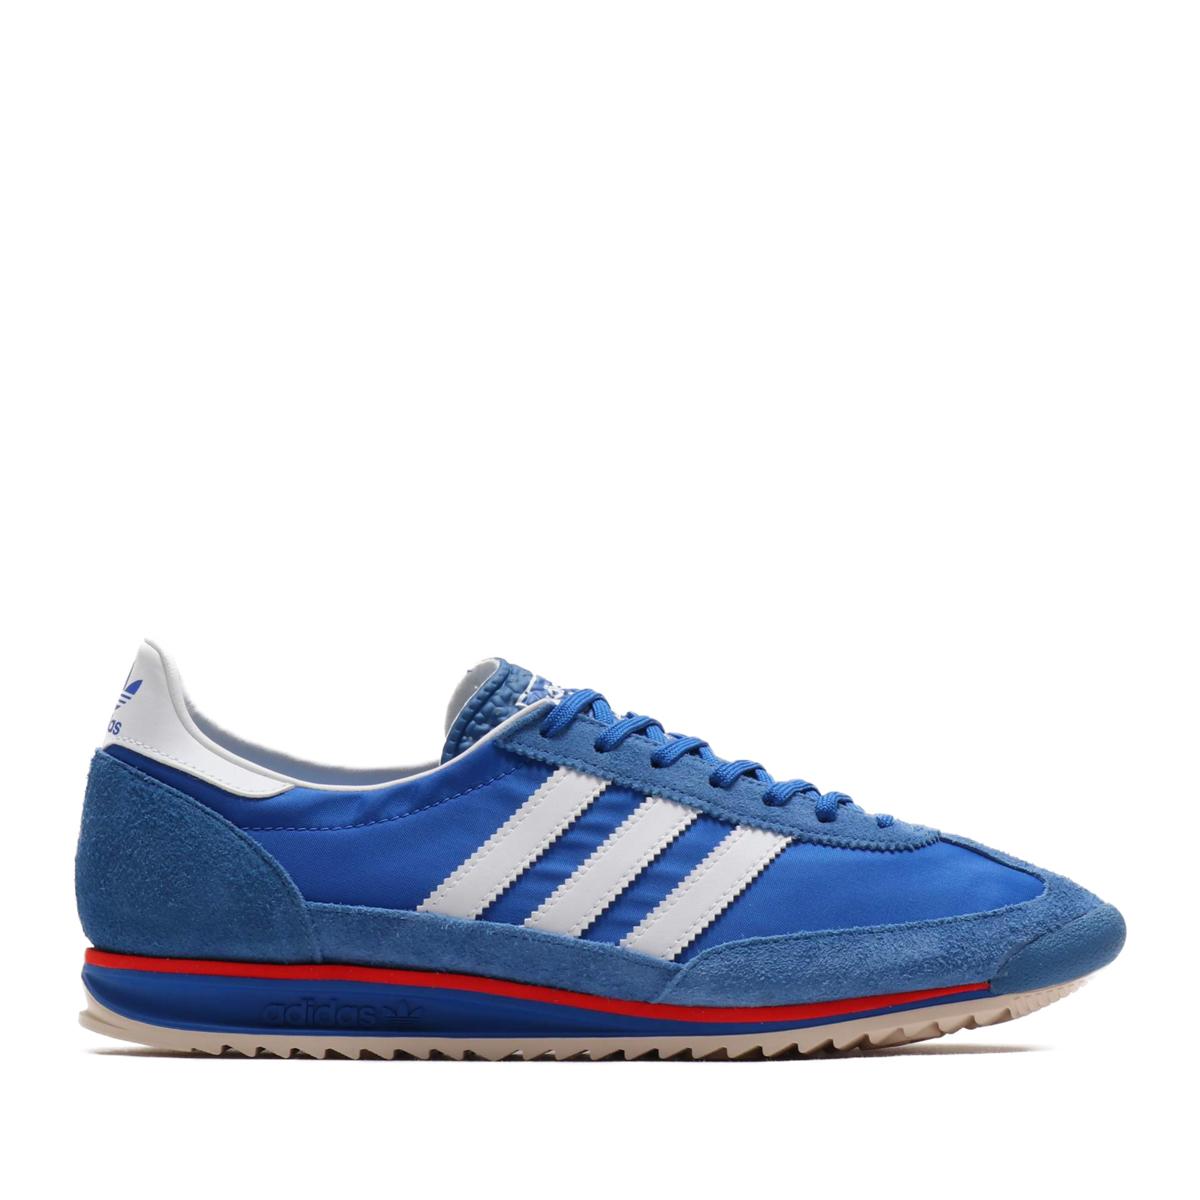 adidas SL 72(BLUE/FOOTWEAR WHITE/HIGHRES RED)(アディダス エスエル 72)【メンズ】【レディース】【スニーカー】【20SP-I】